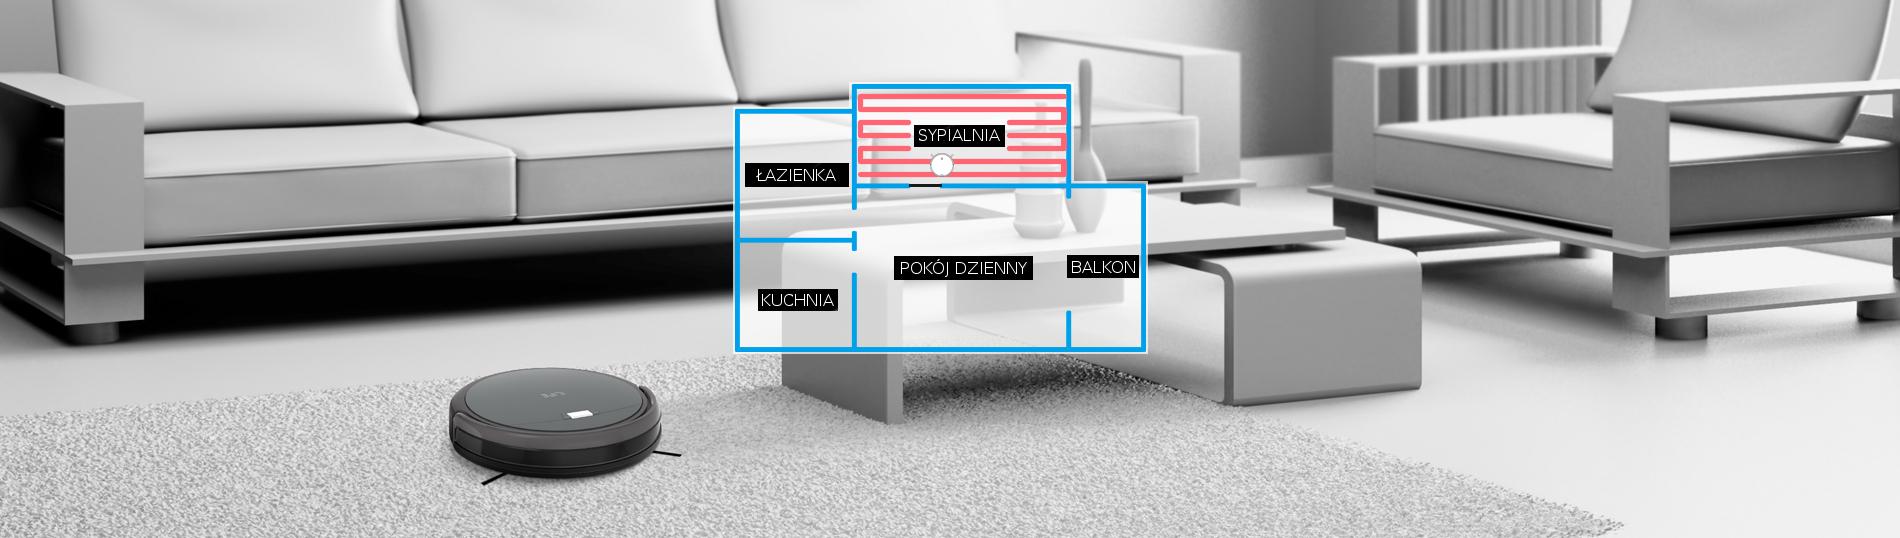 Automatyczny odkurzacz ILIFE A4s tryb pracy mini-room